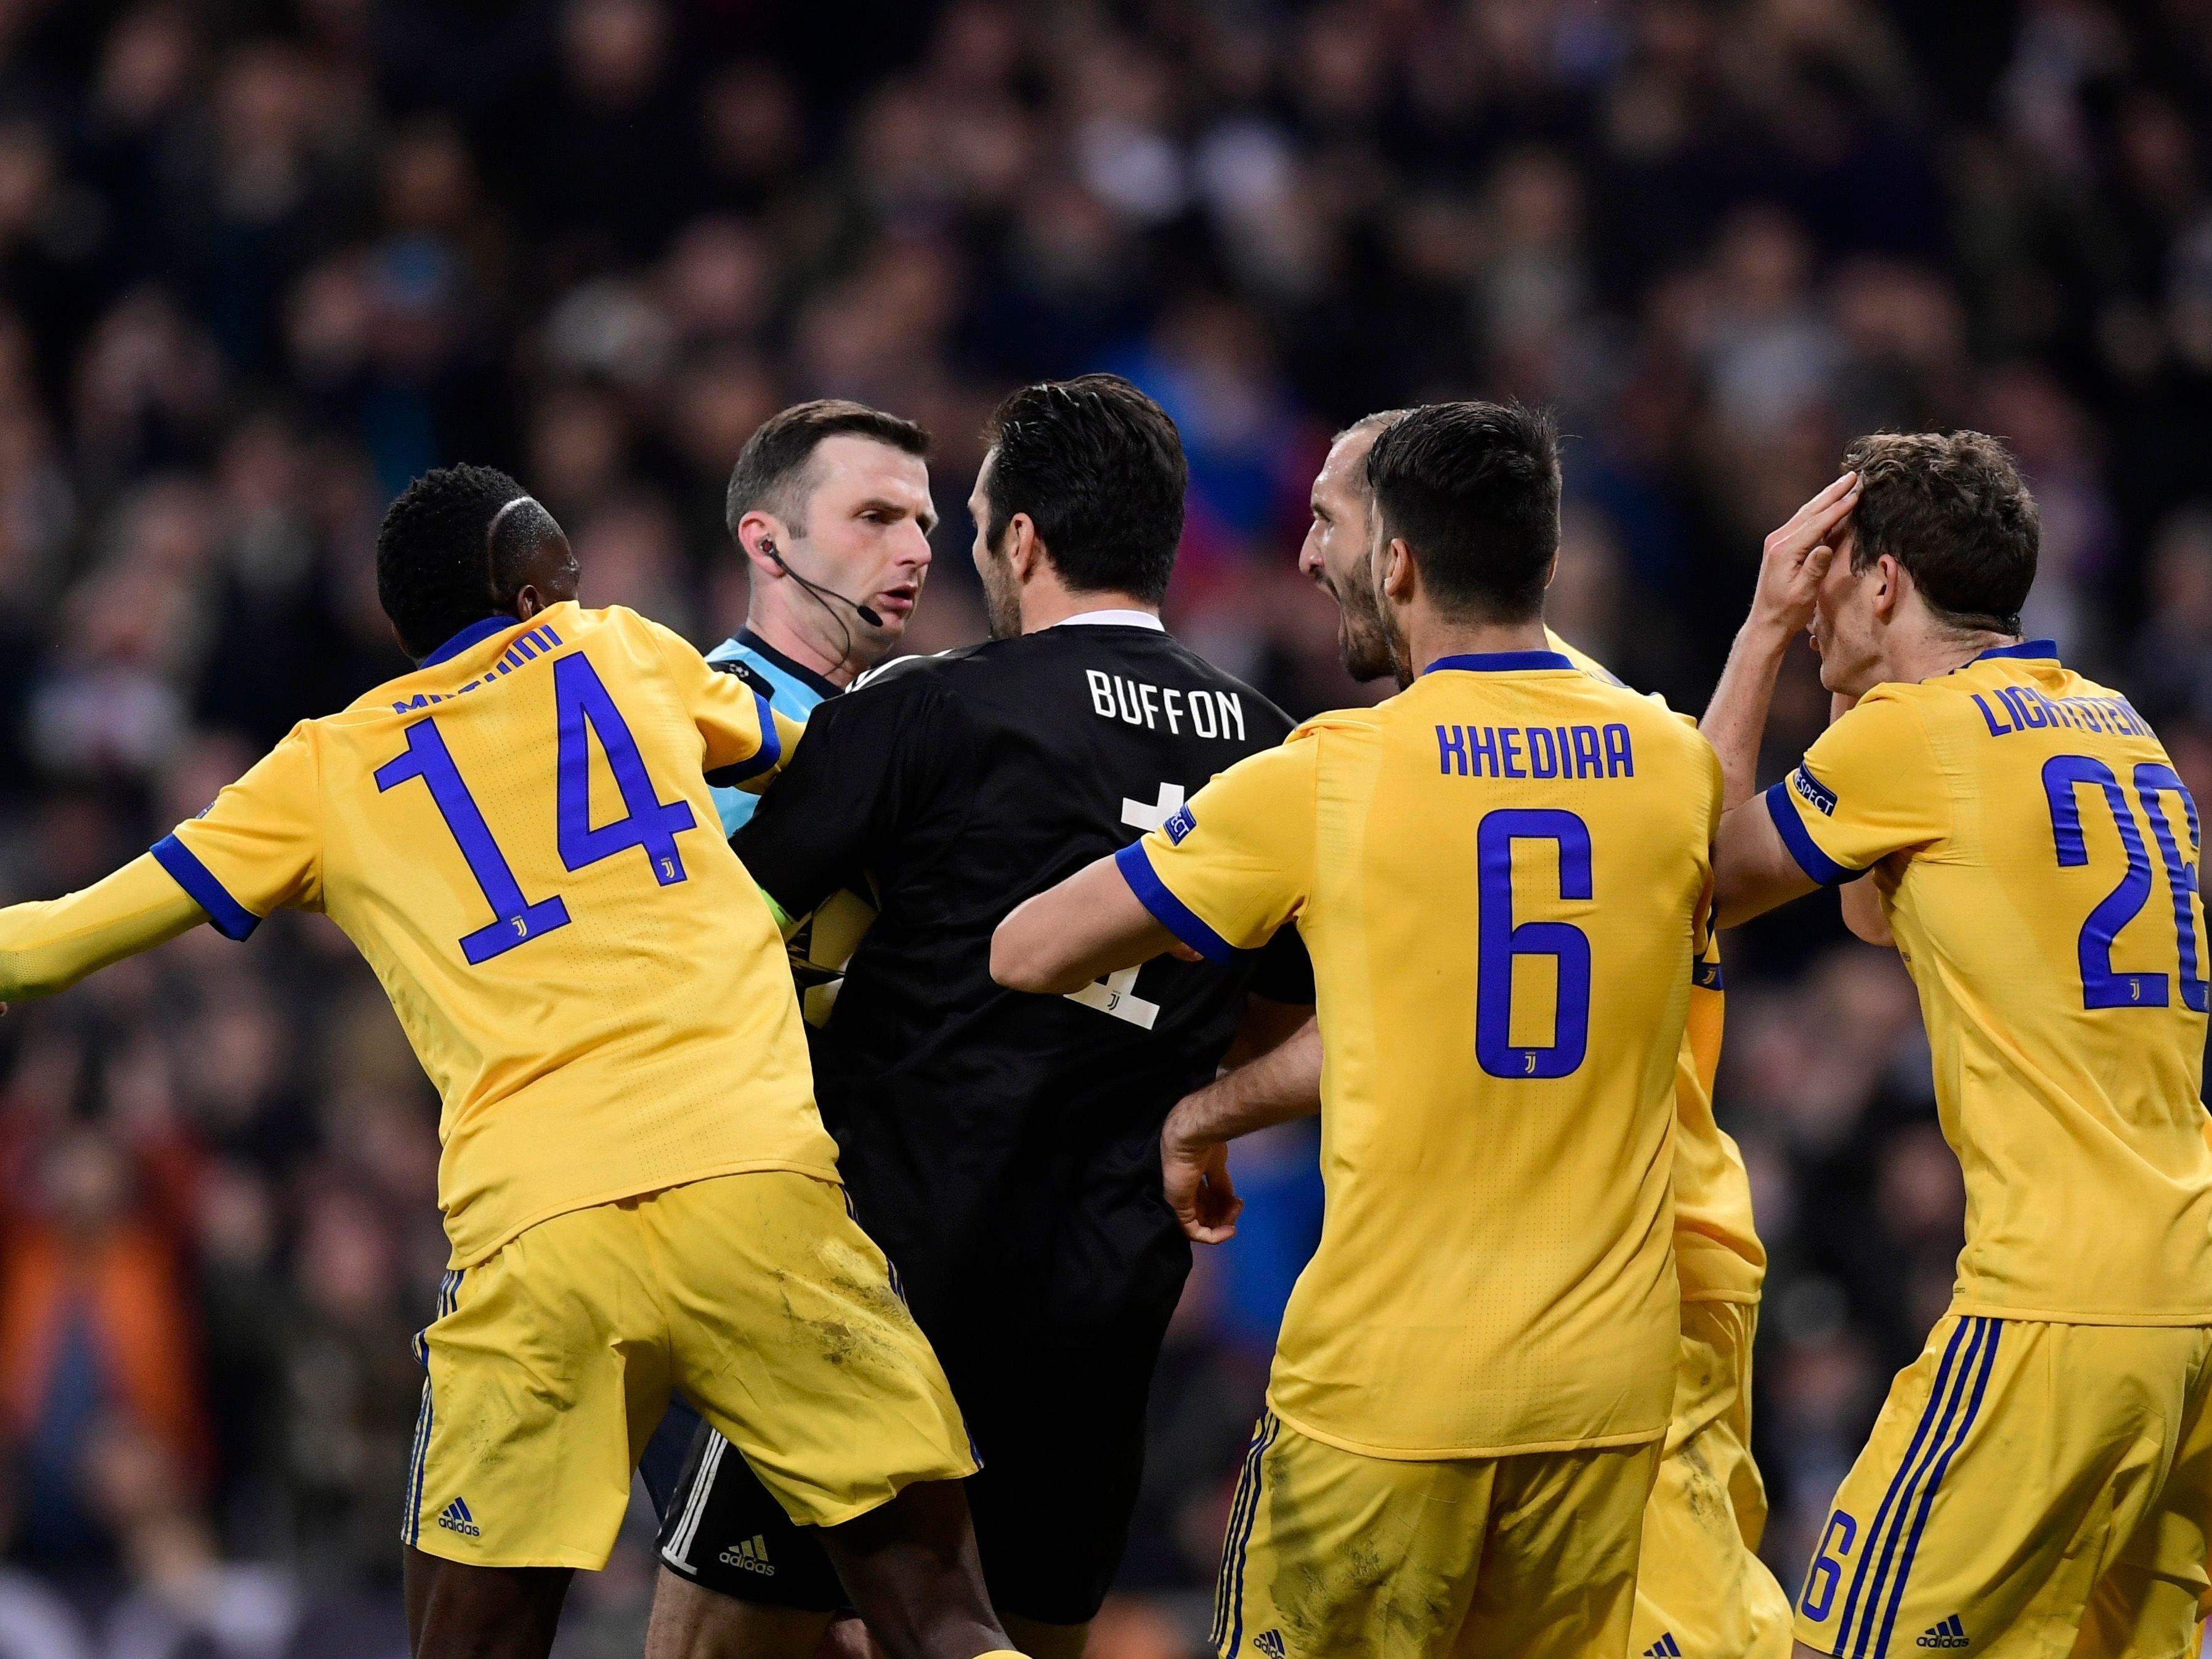 Reals Ramos beging als Zuschauer einen Regelverstoß - weitere Sperre droht